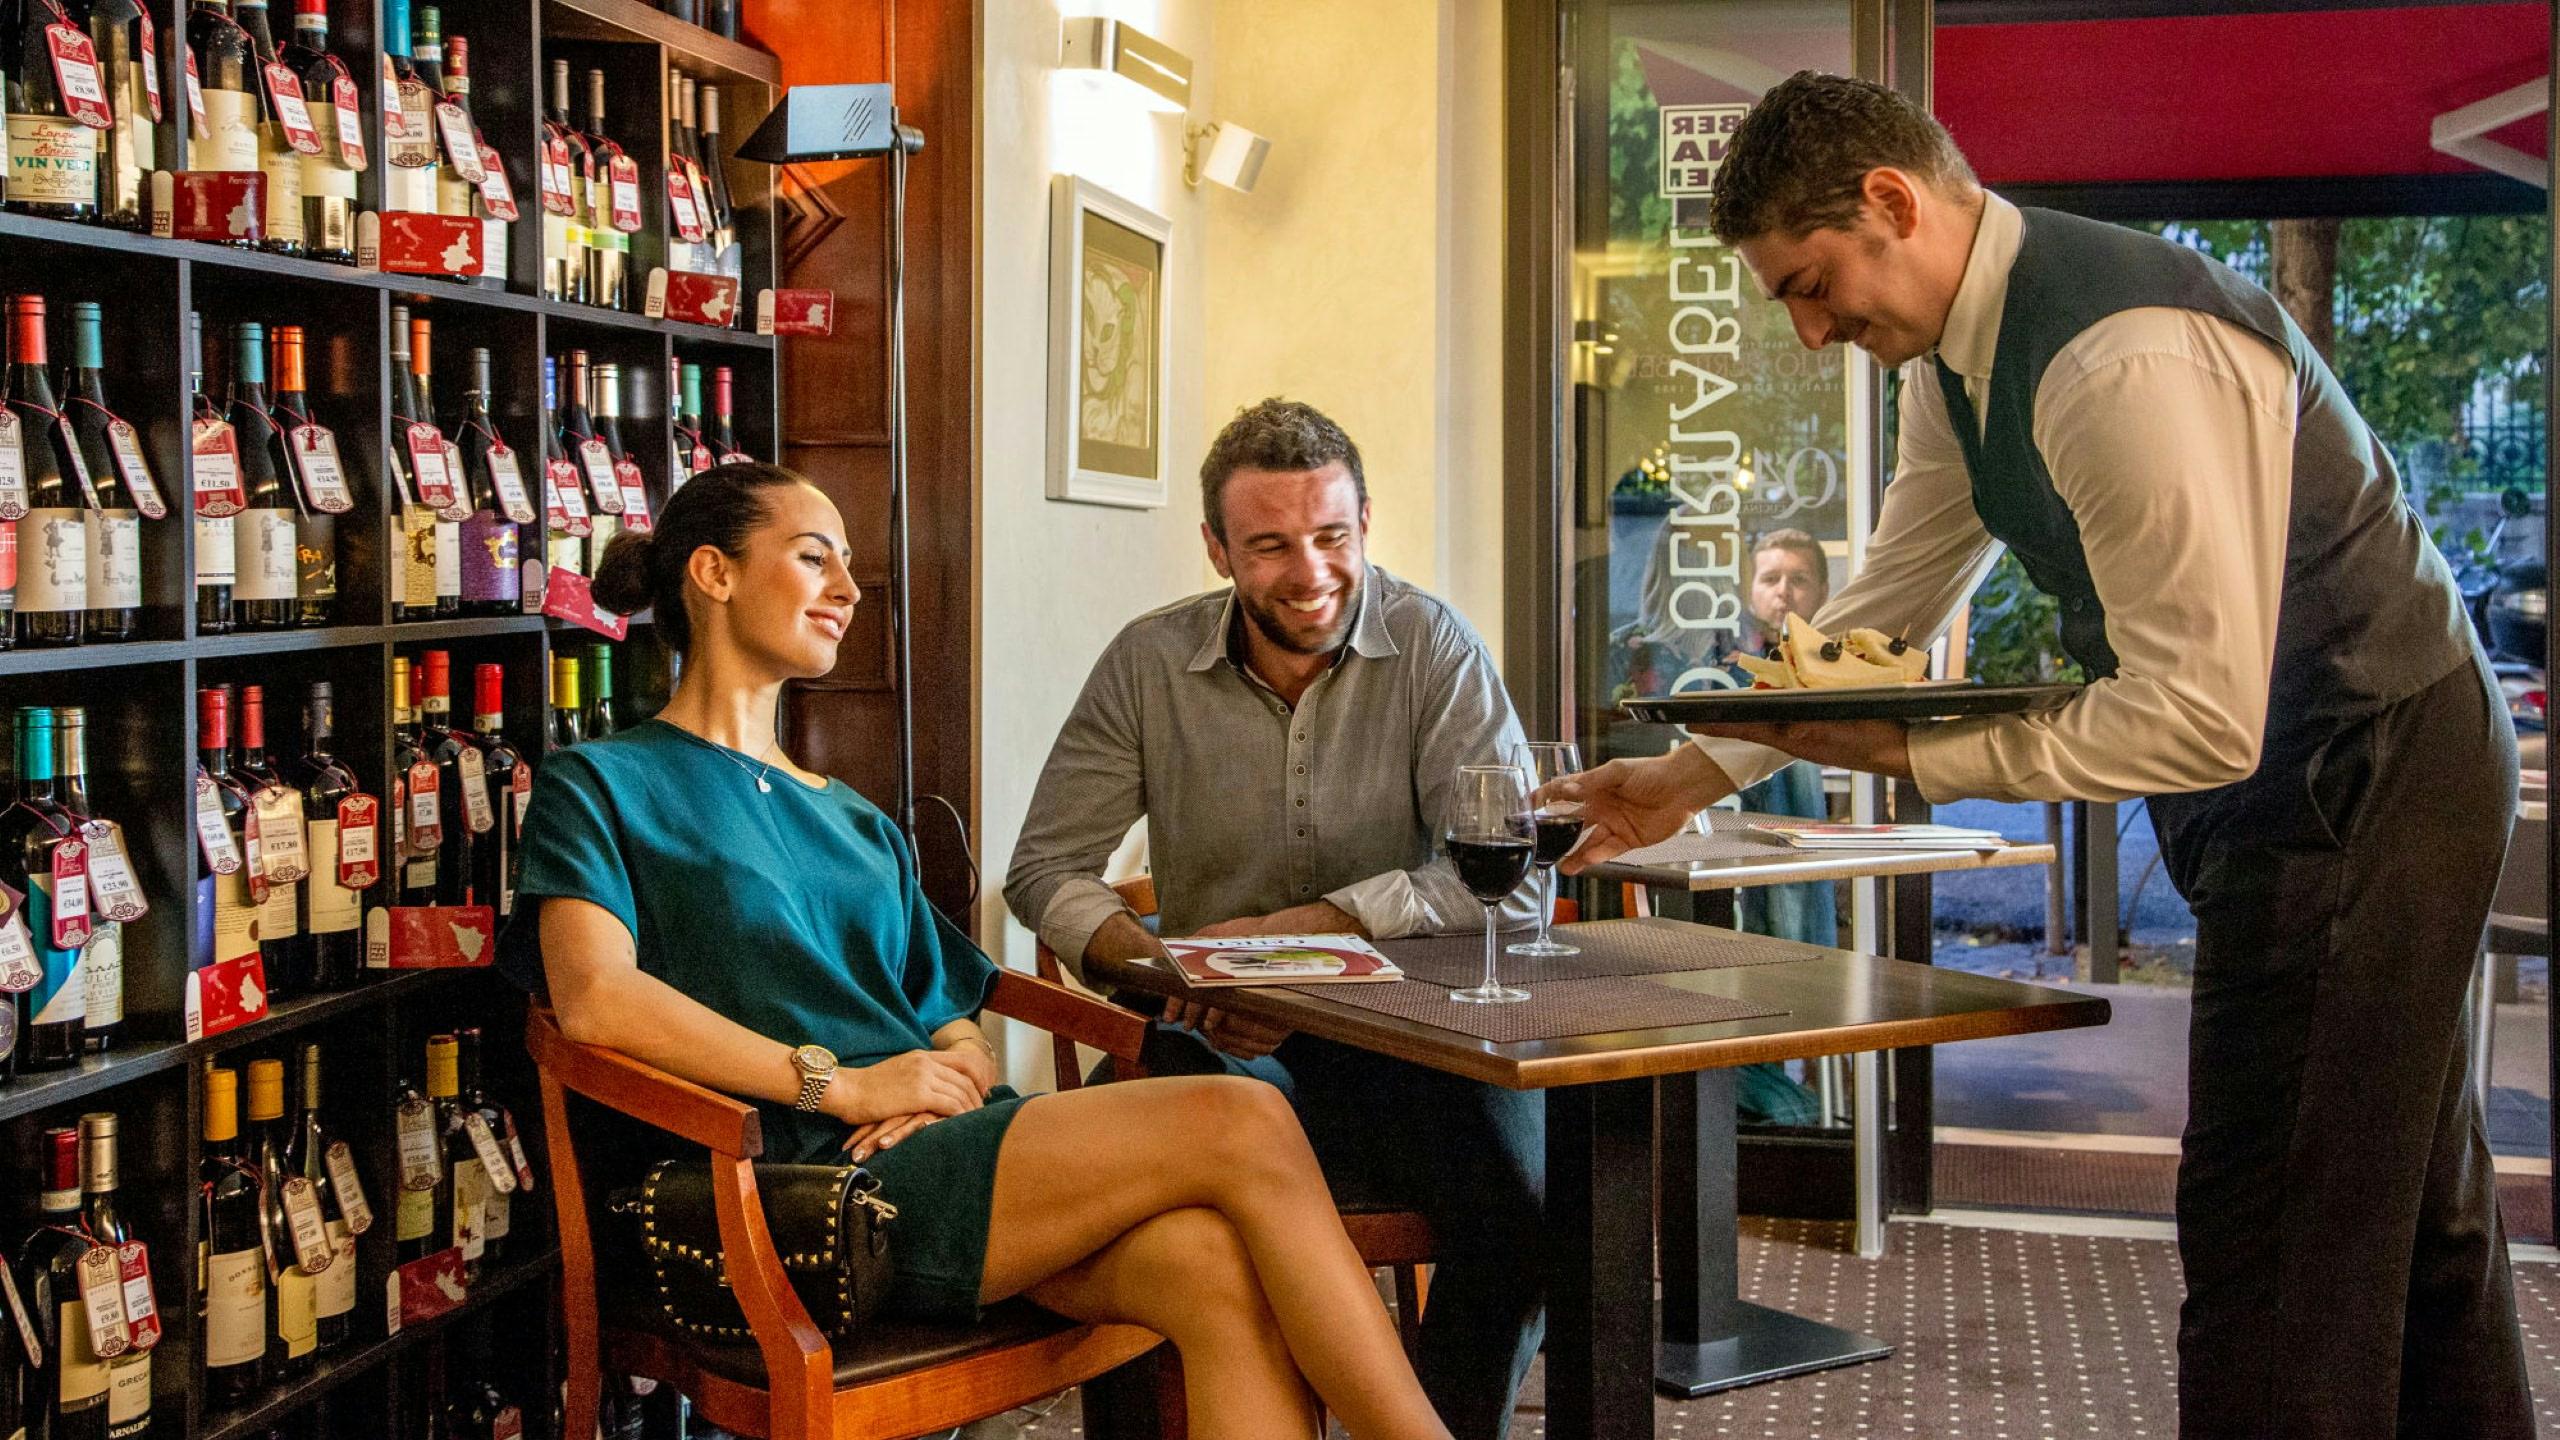 фото-отель-Оксфорд-Рим-винотека-12